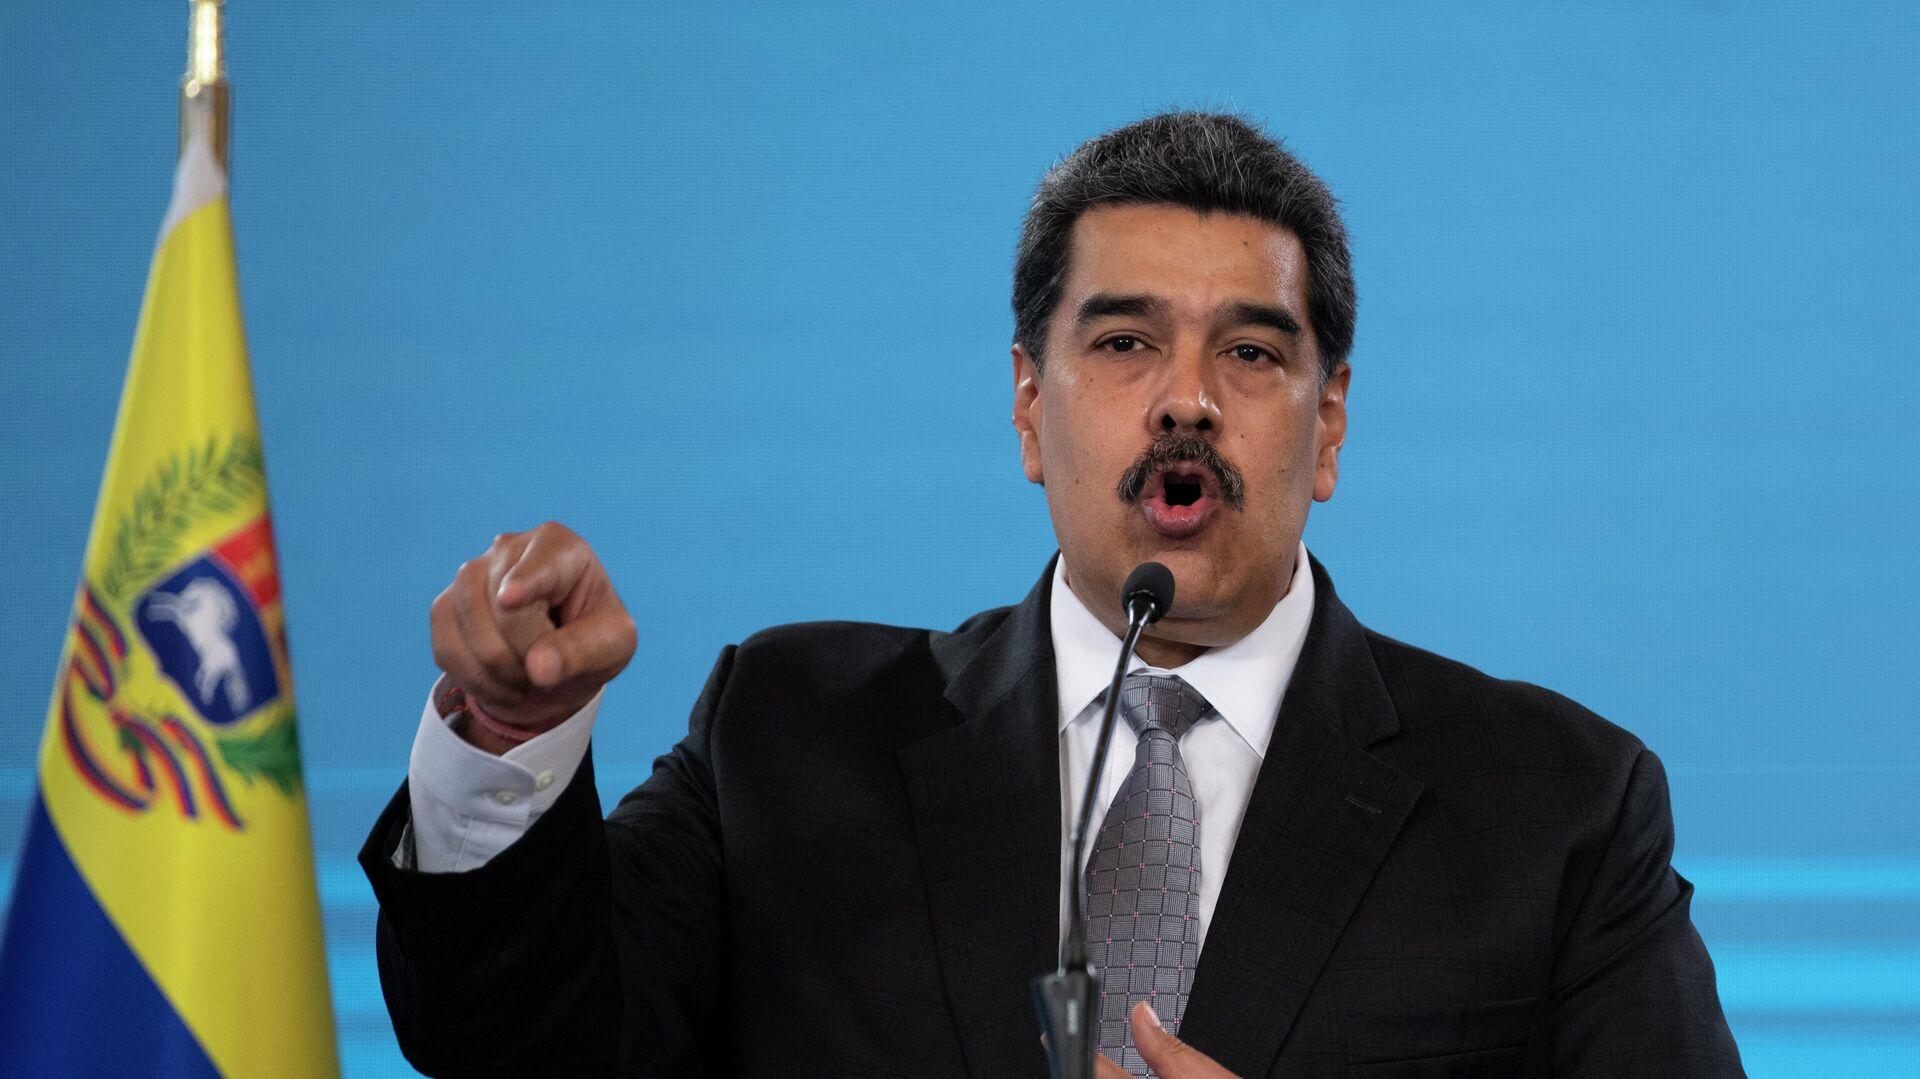 Nicolás Maduro, presidente de Venezuela - Sputnik Mundo, 1920, 28.03.2021